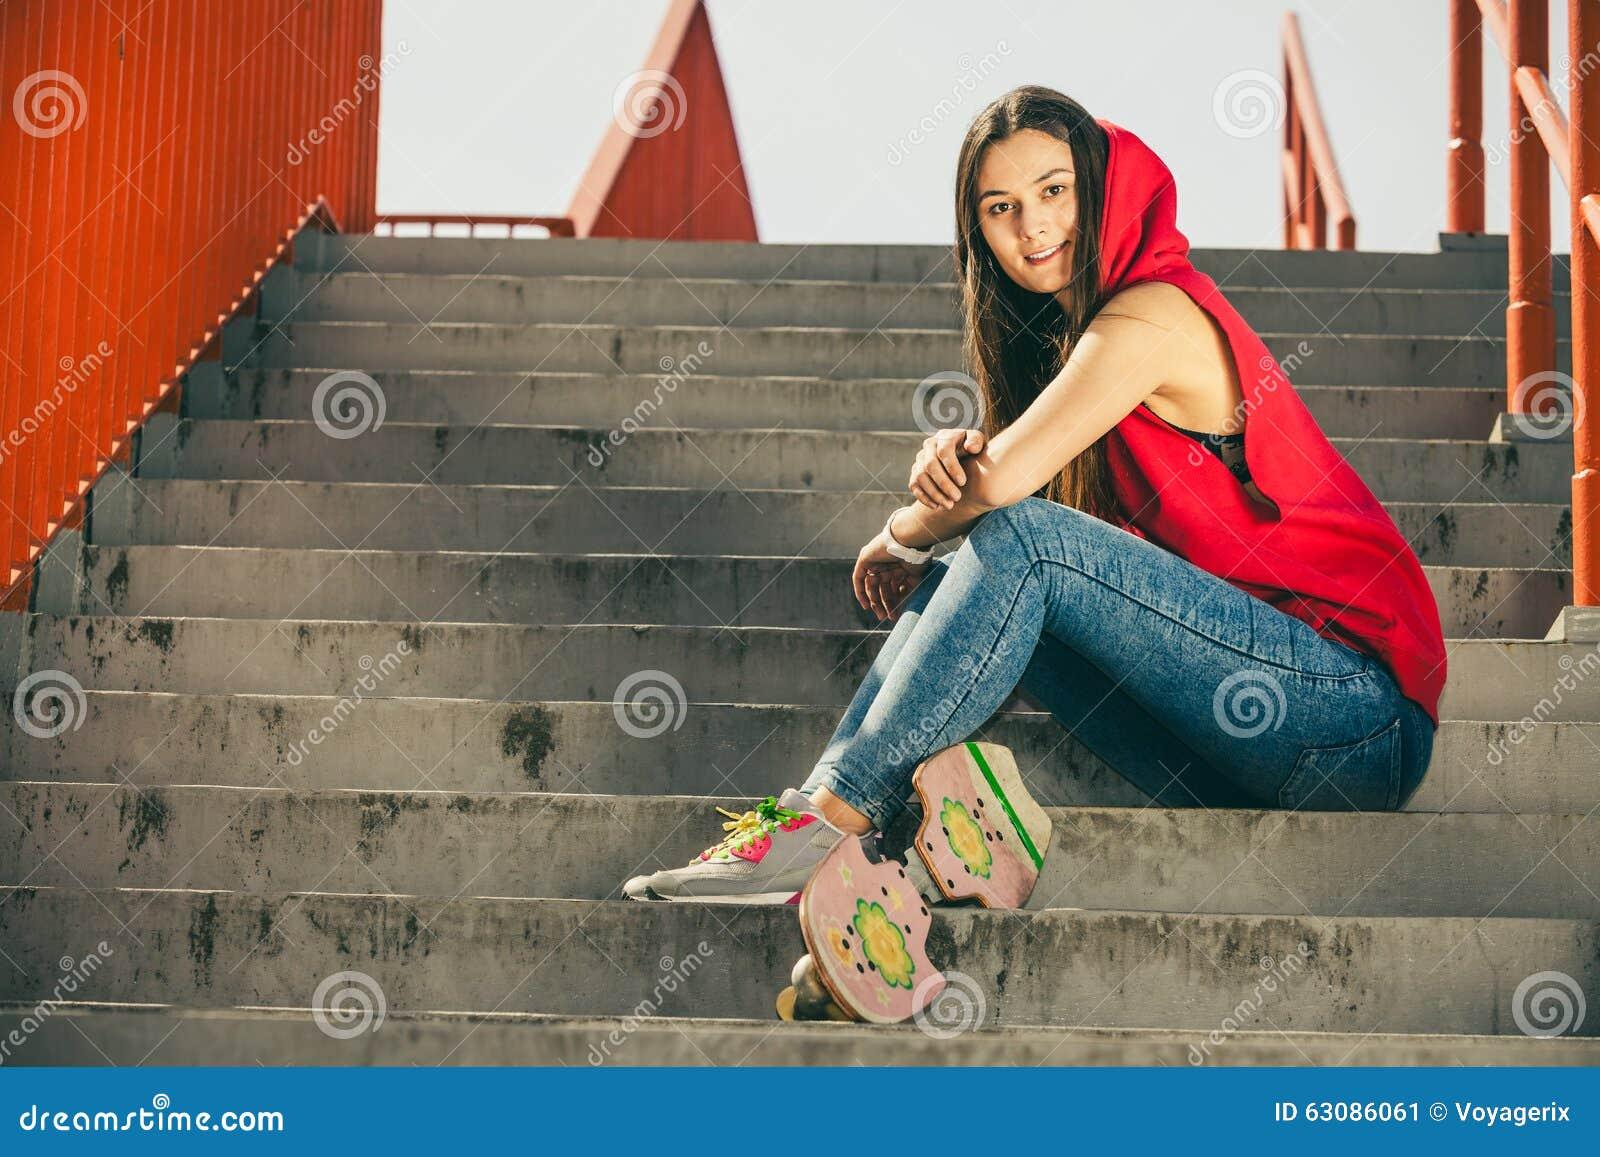 Download Fille De Patin Sur Des Escaliers Avec La Planche à Roulettes Image stock - Image du dénommer, conduite: 63086061